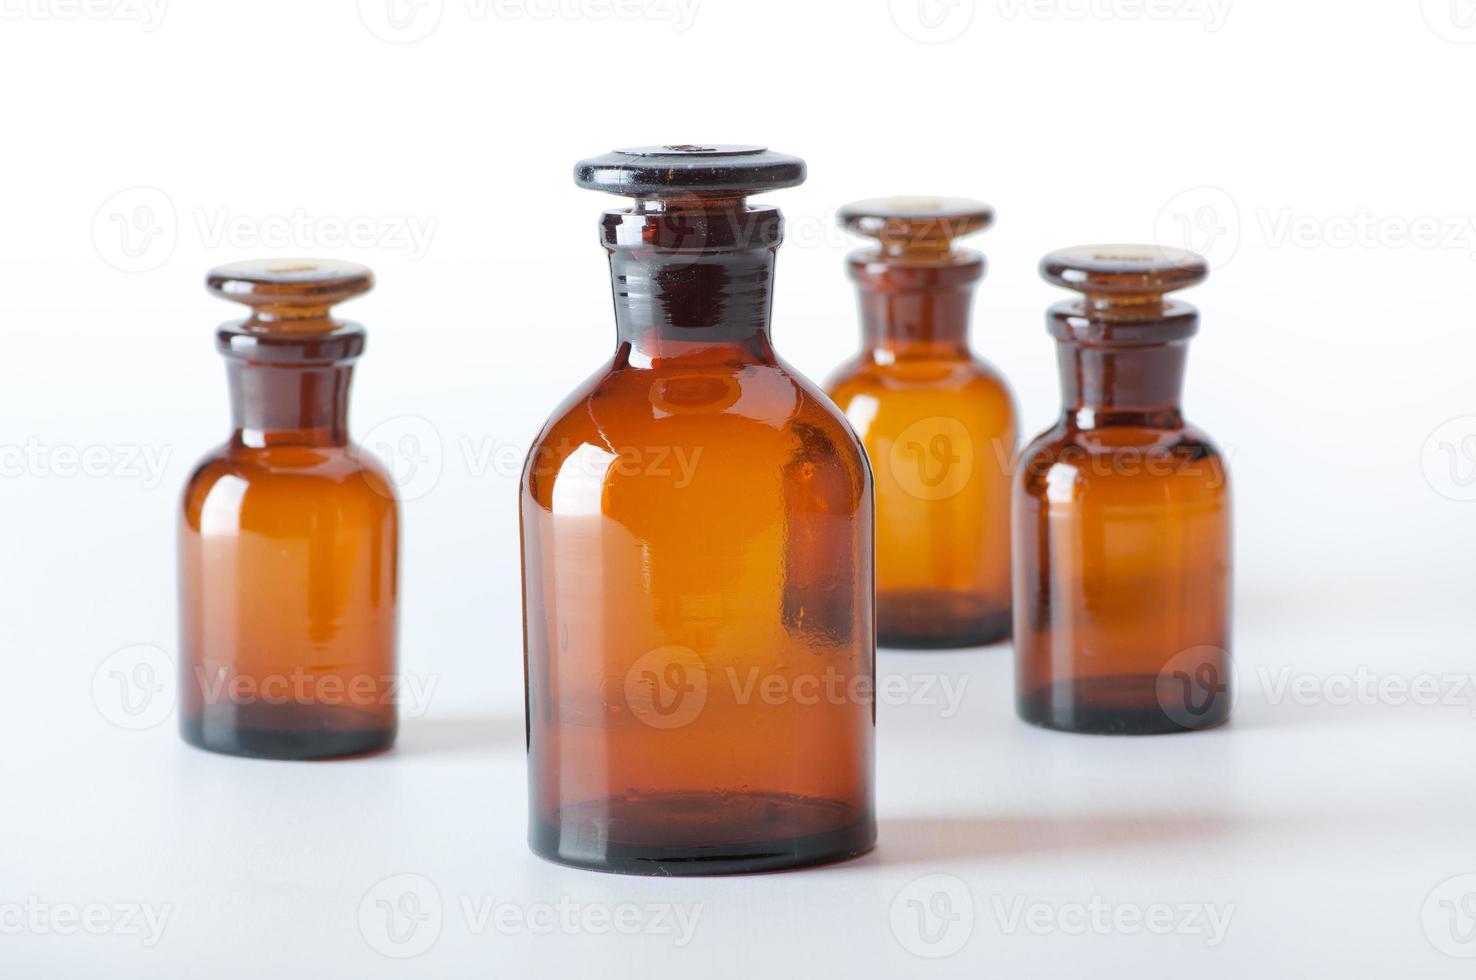 piccole bottiglie di vetro chimico foto